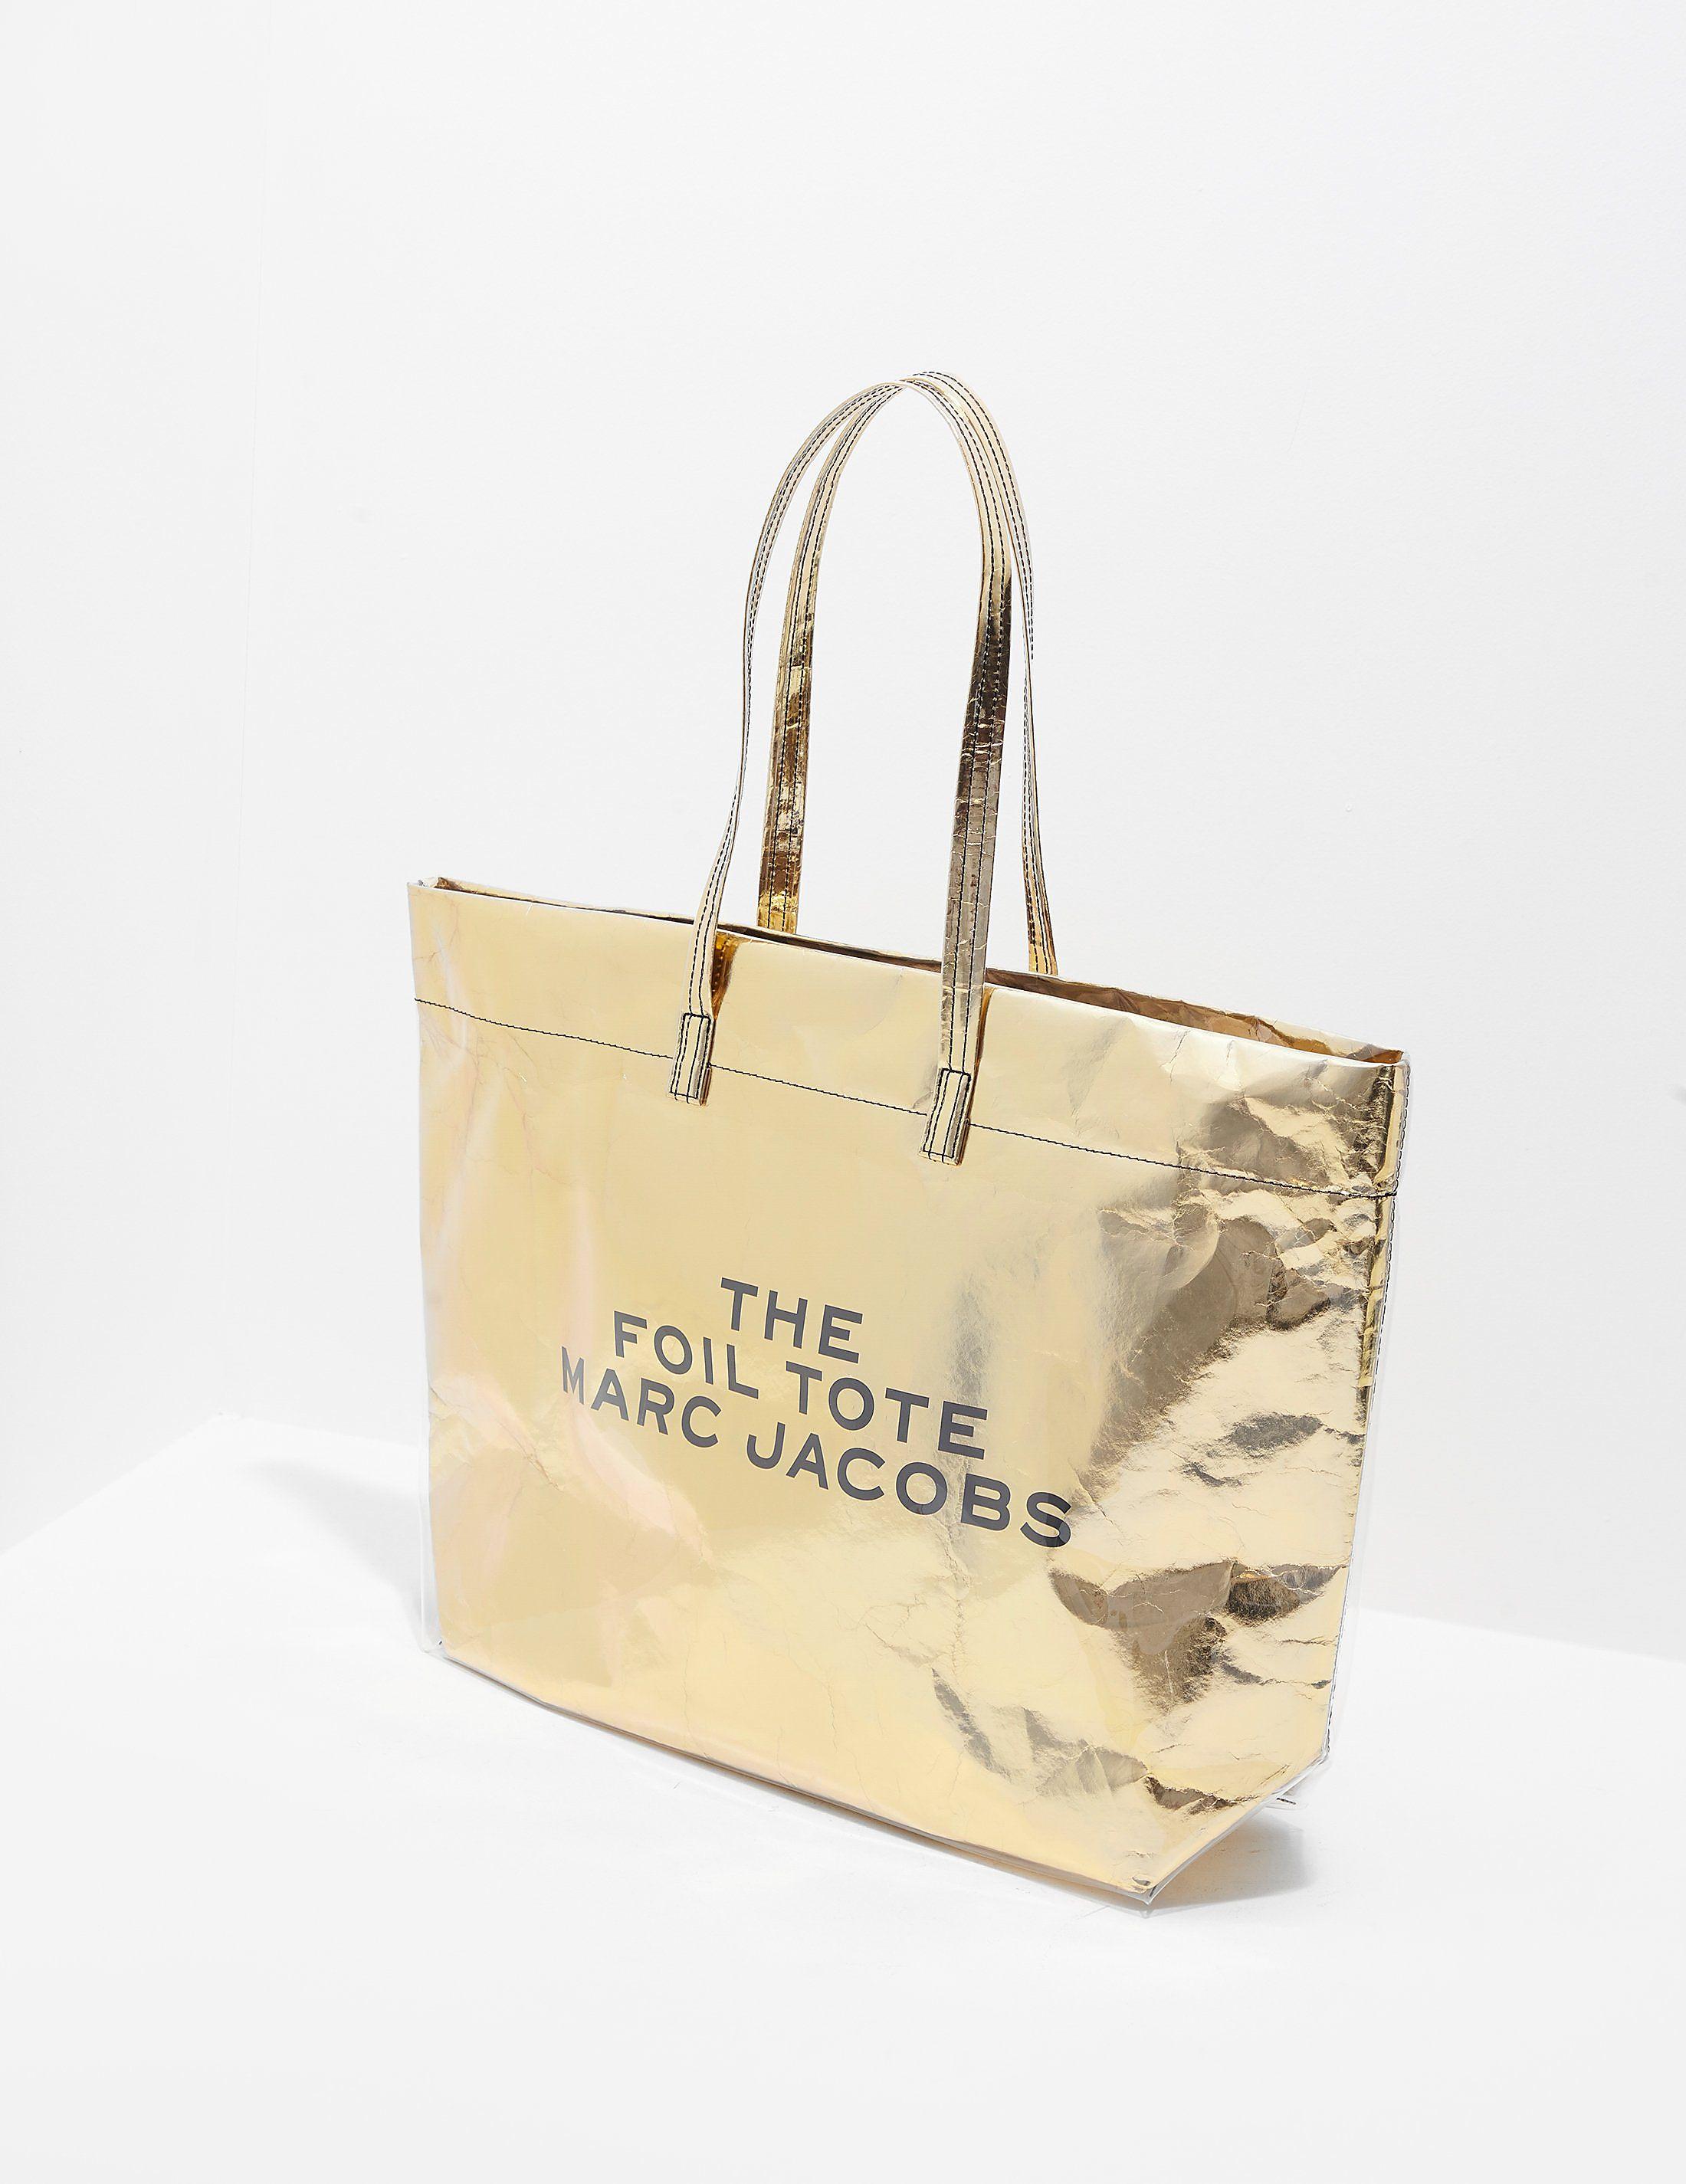 e8ce51eacad9 Marc Jacobs The Foil Tote Bag - Online Exclusive